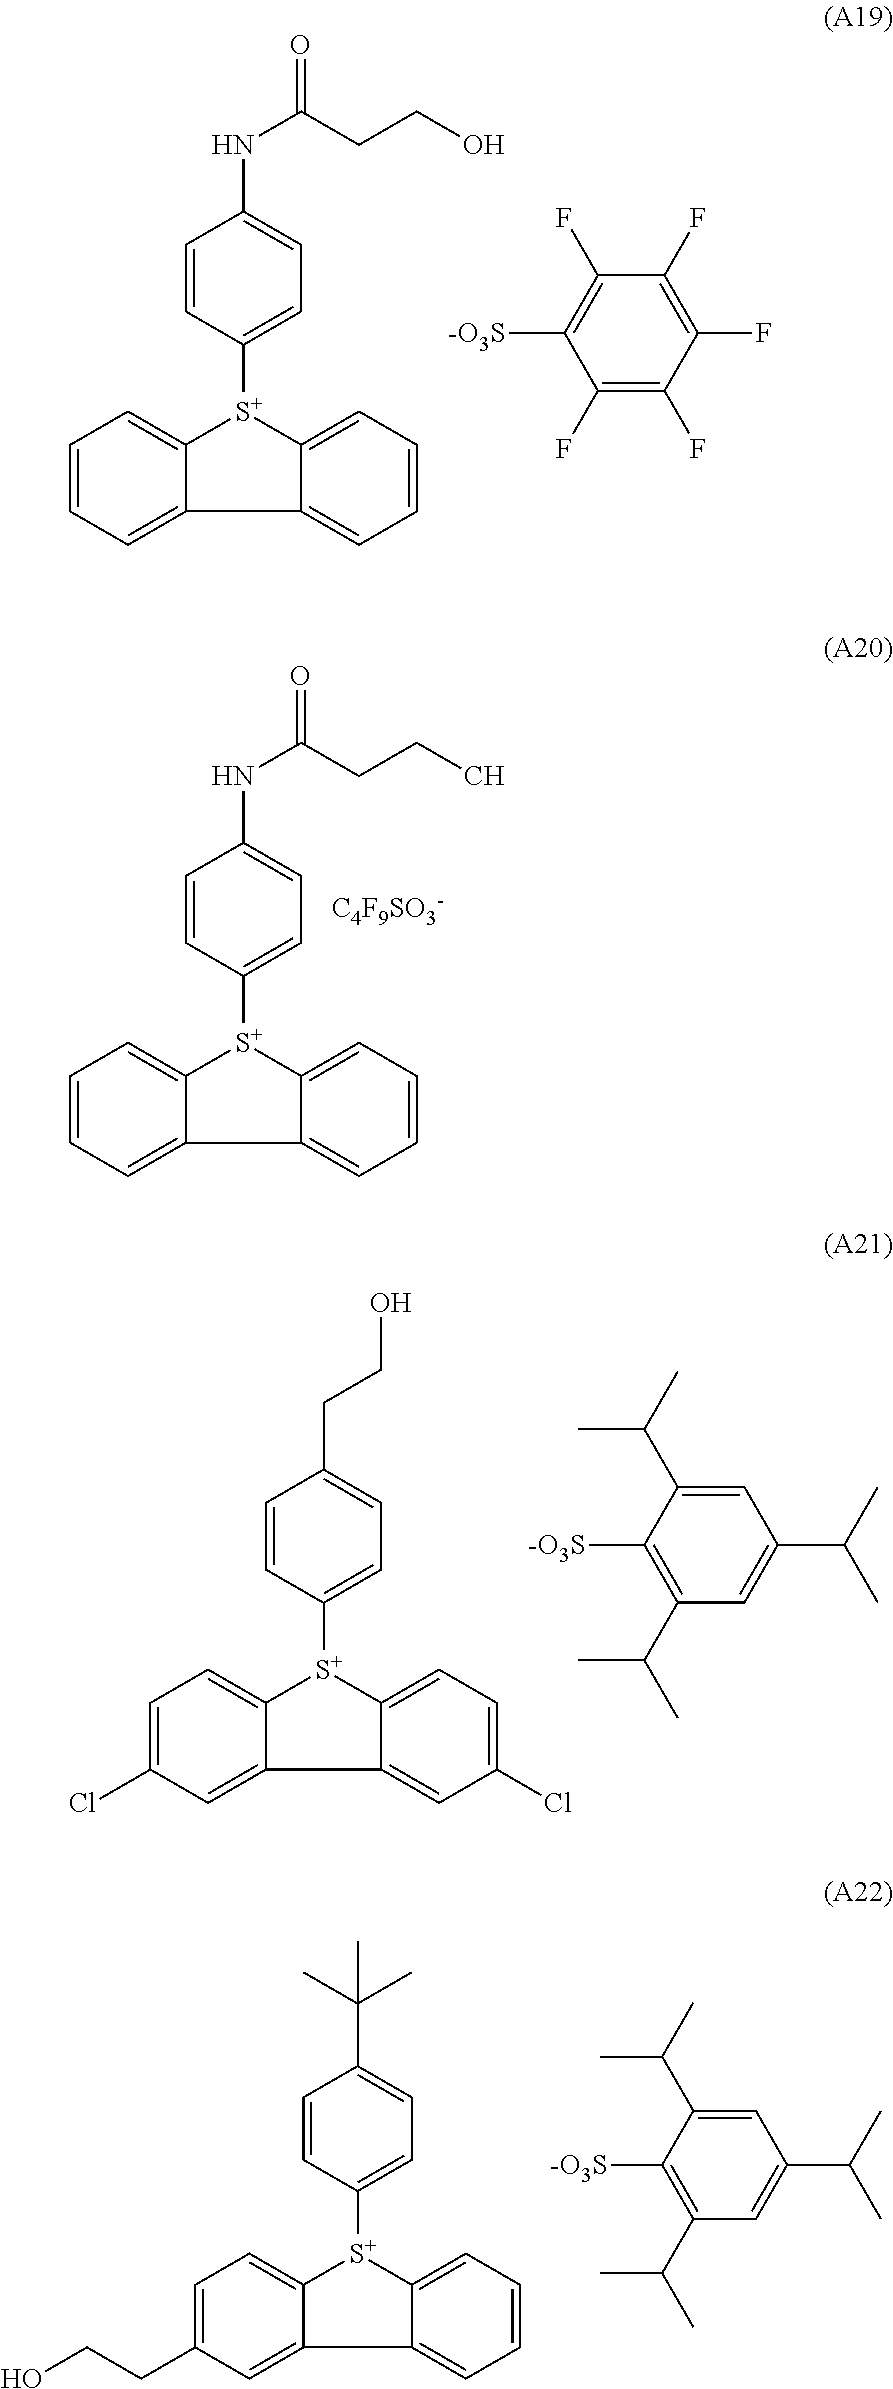 Figure US20110183258A1-20110728-C00025